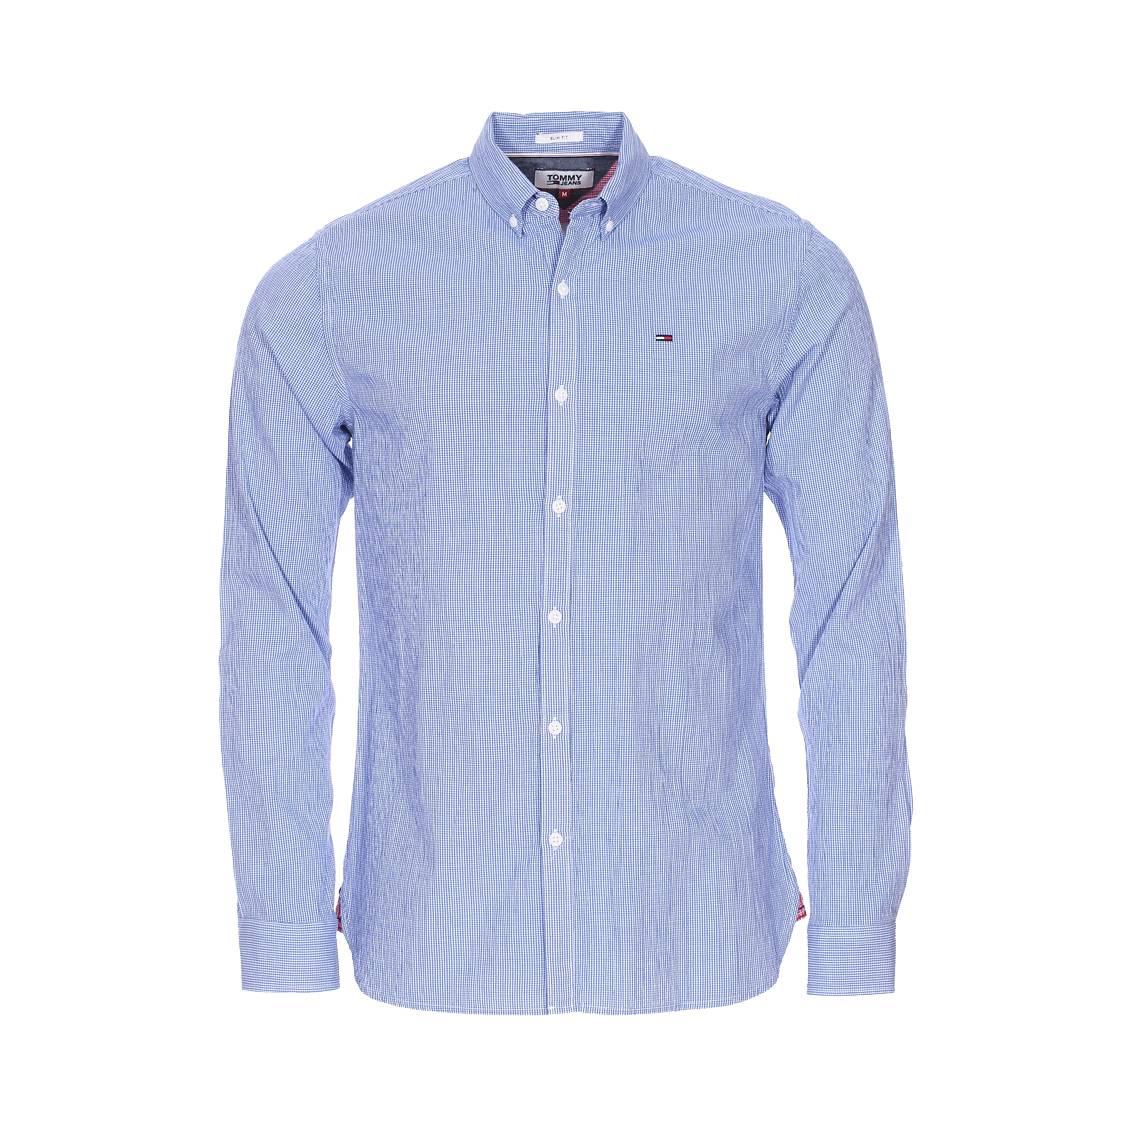 Chemise cintrée Tommy Jeans Essential Seersucker en coton stretch à  carreaux vichy bleus et blancs, ... 26688d225d33